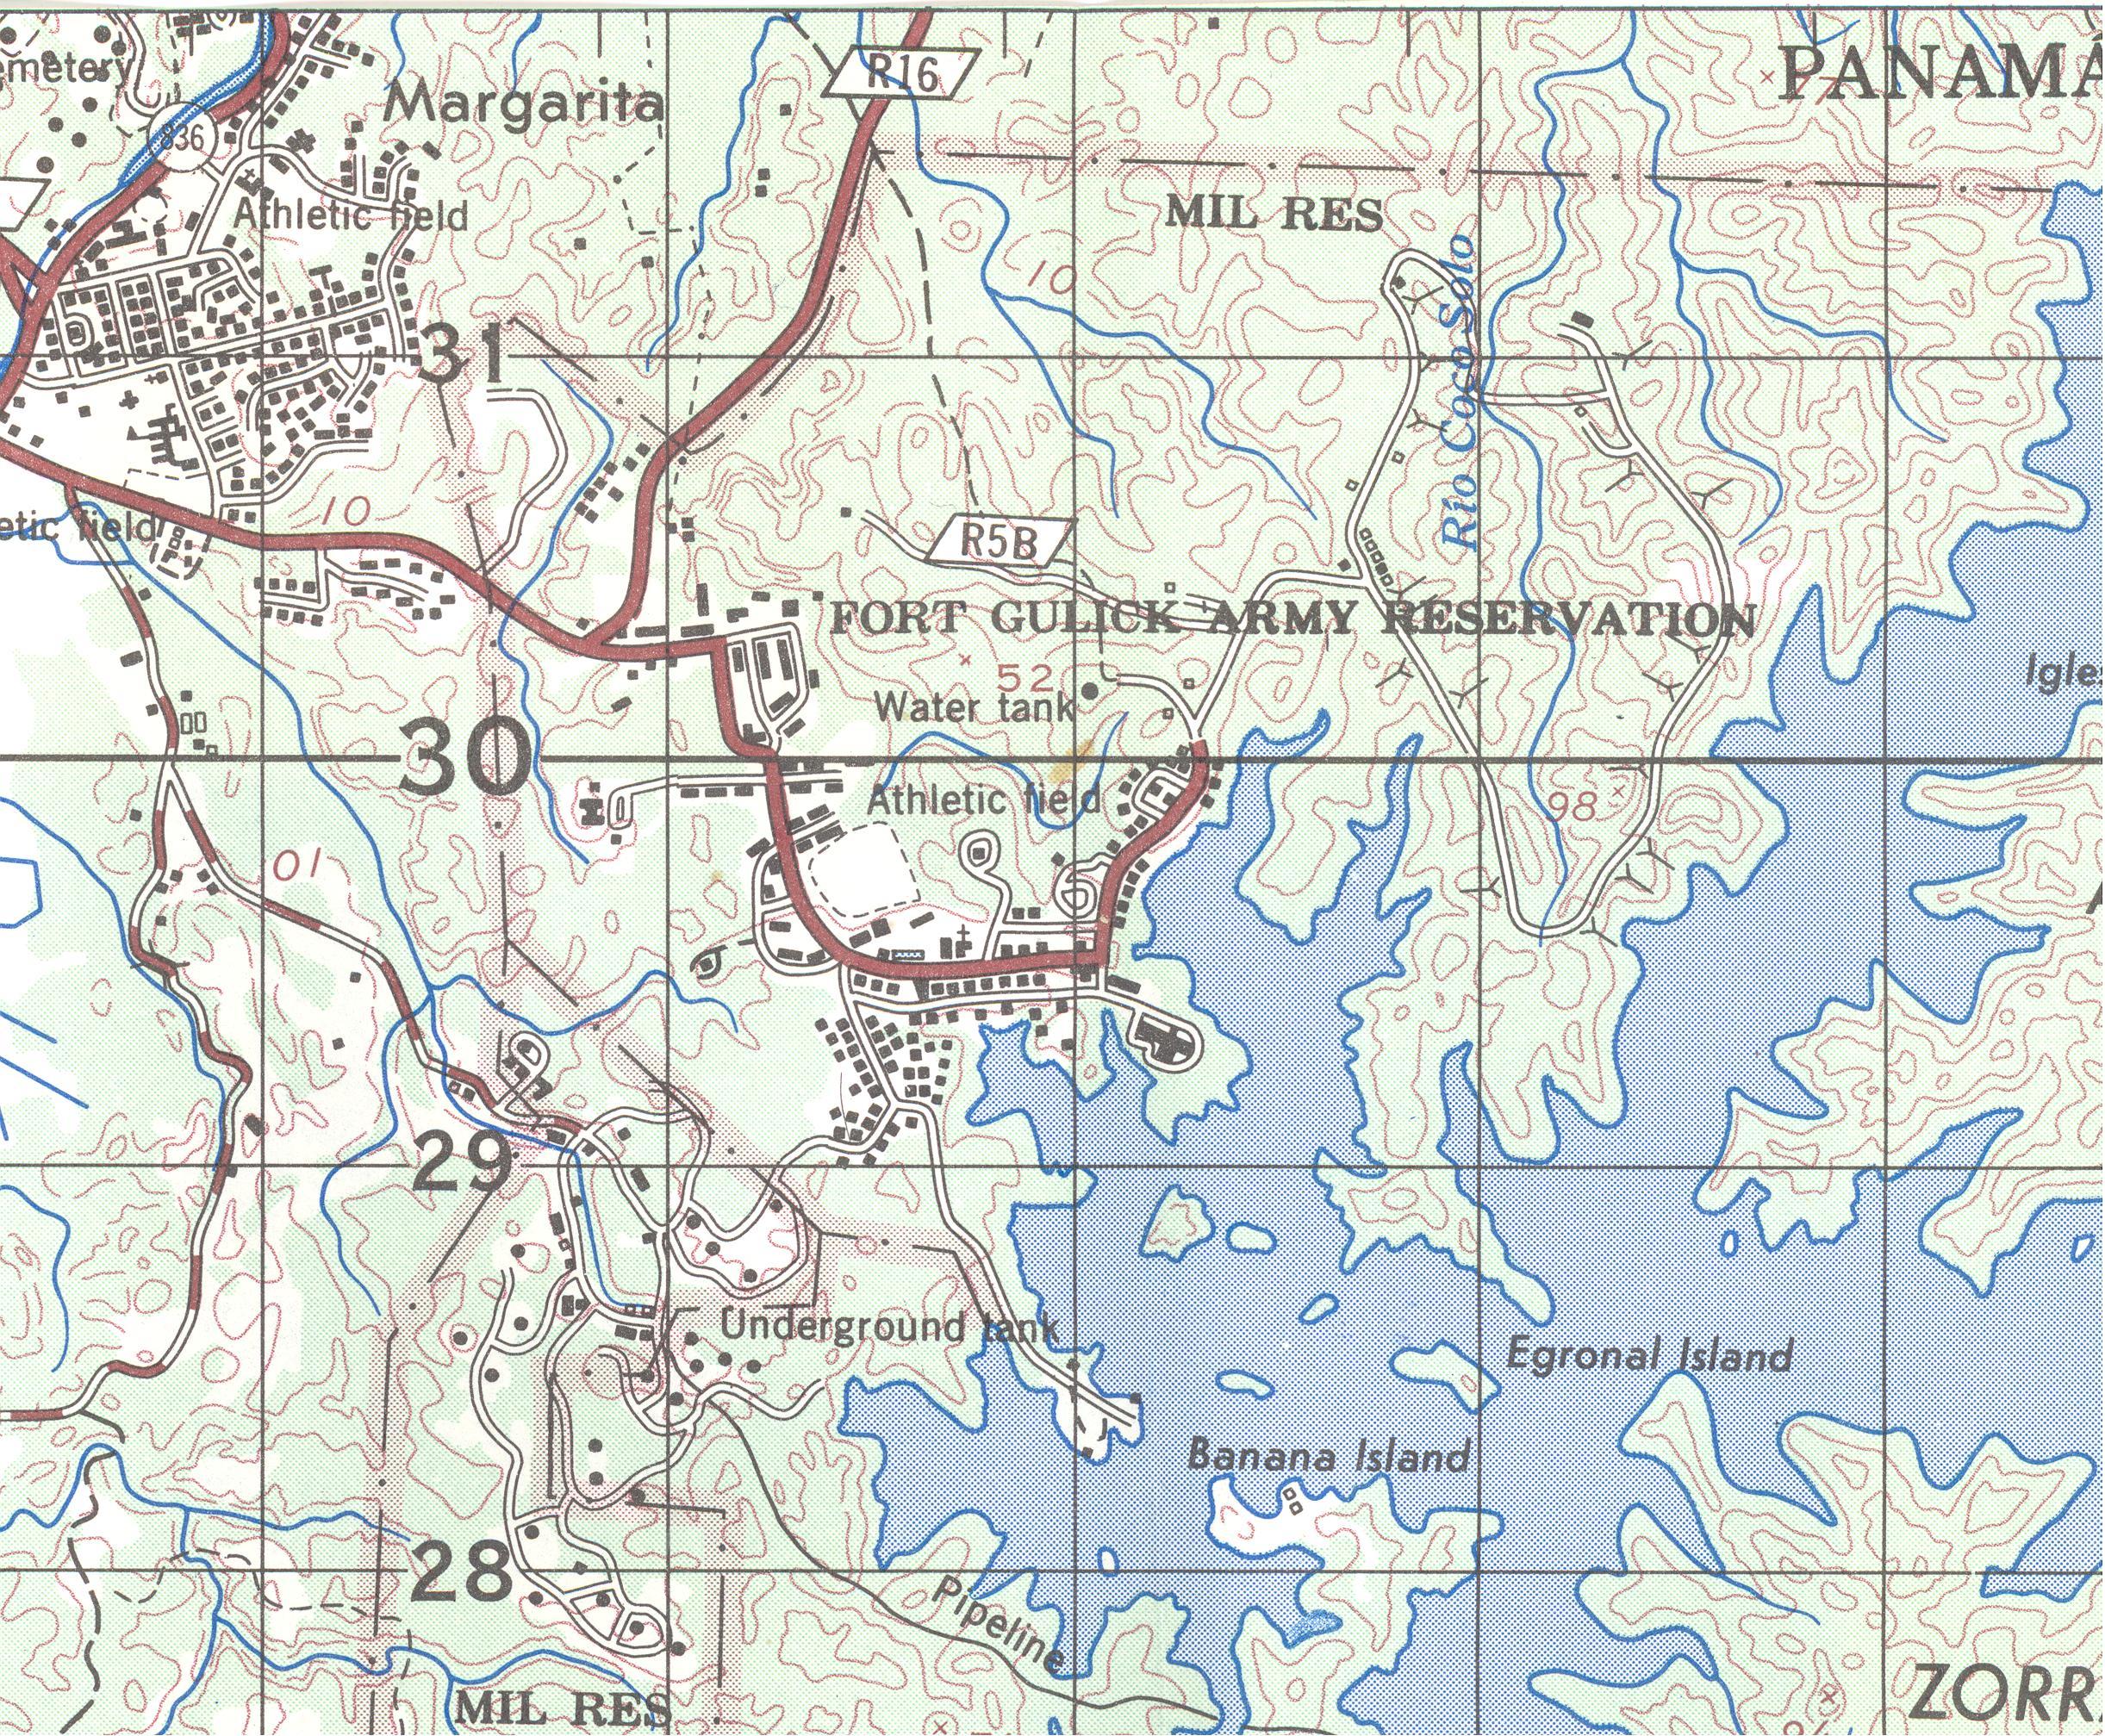 ft Wikimedia Commons - Gulick-map jpg File